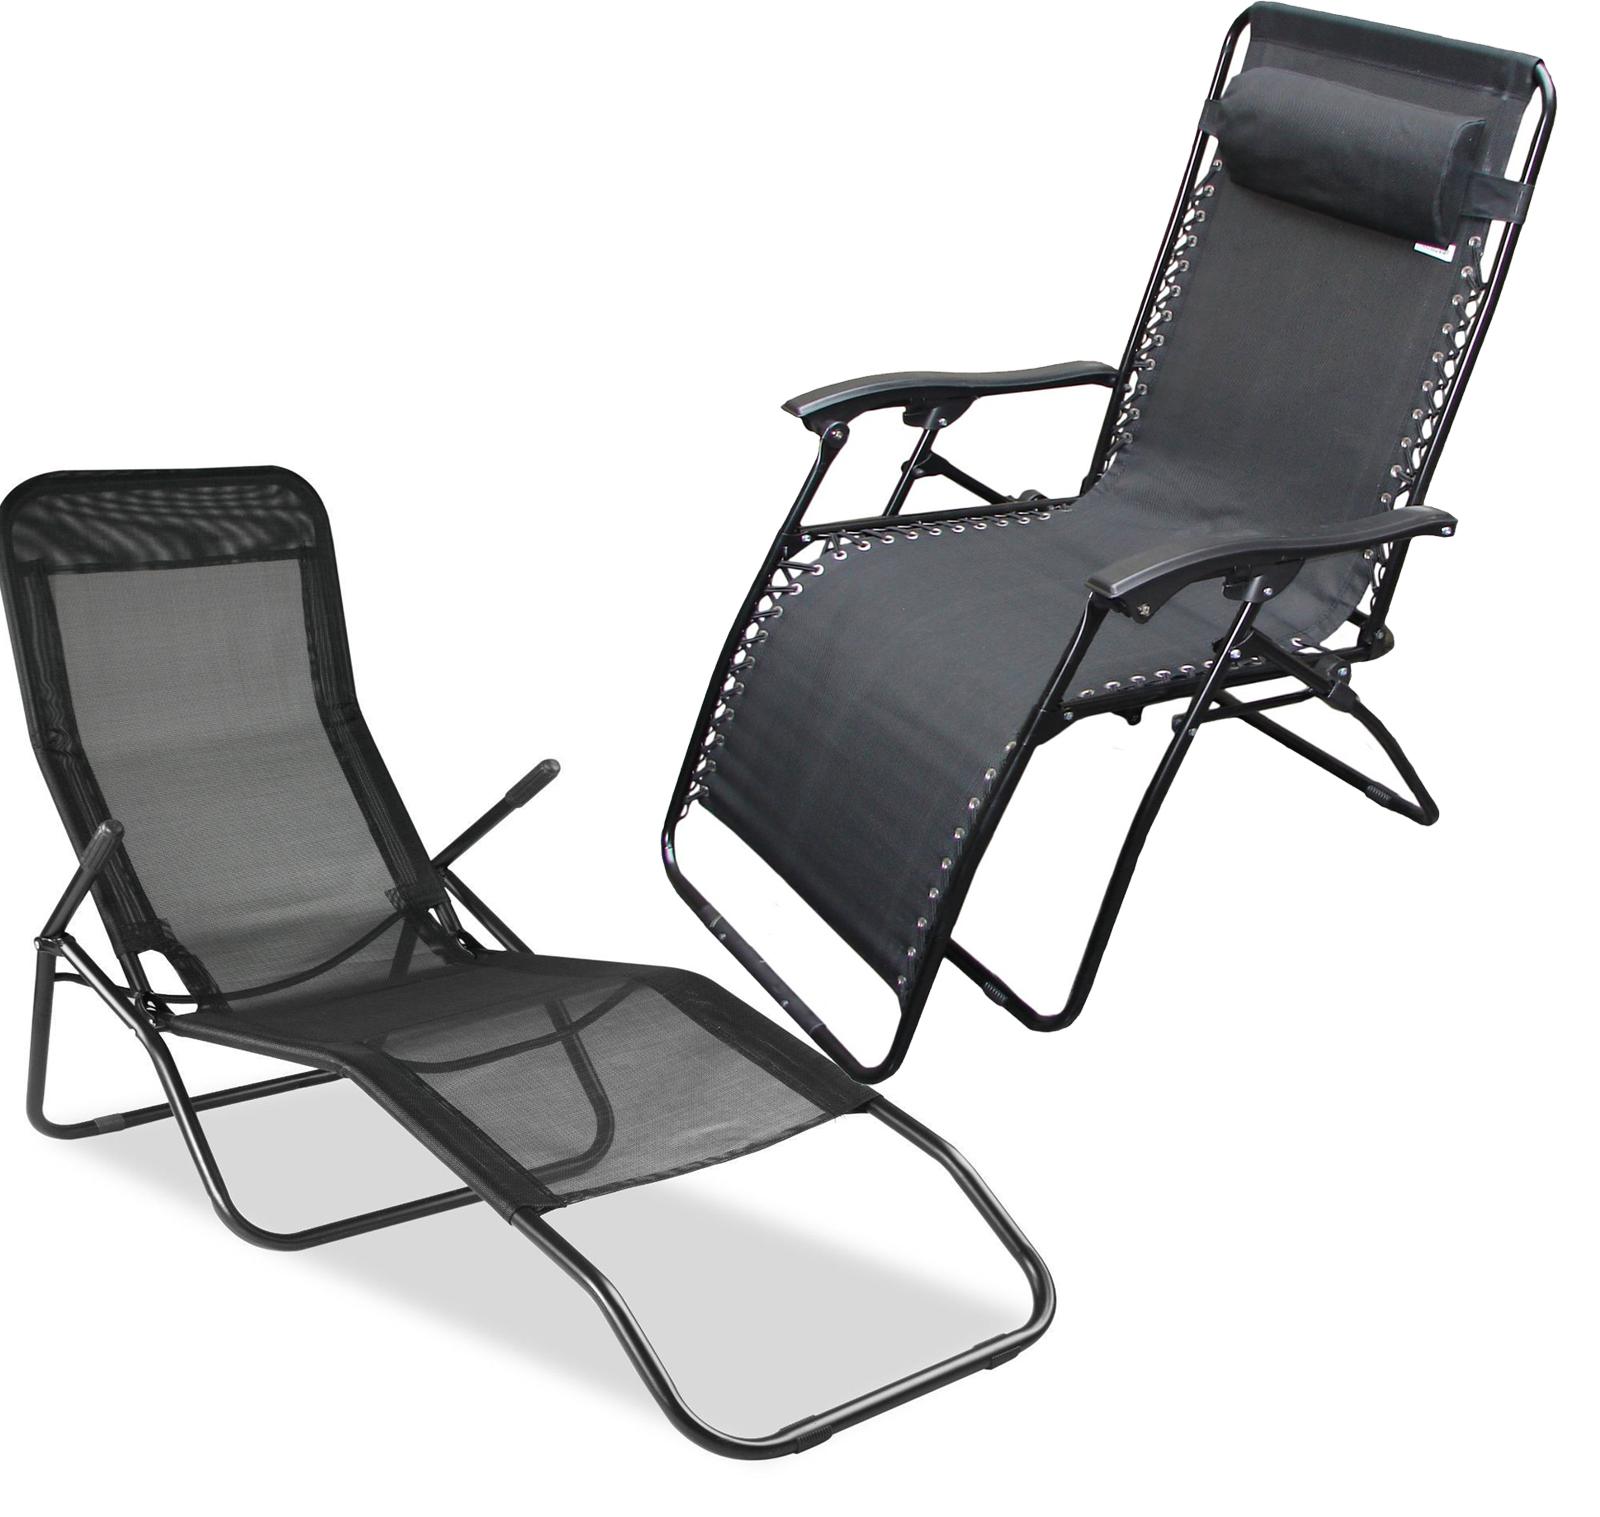 reclining deck chair asda calloway 1 2 recliner folding gravity sun lounger garden bed